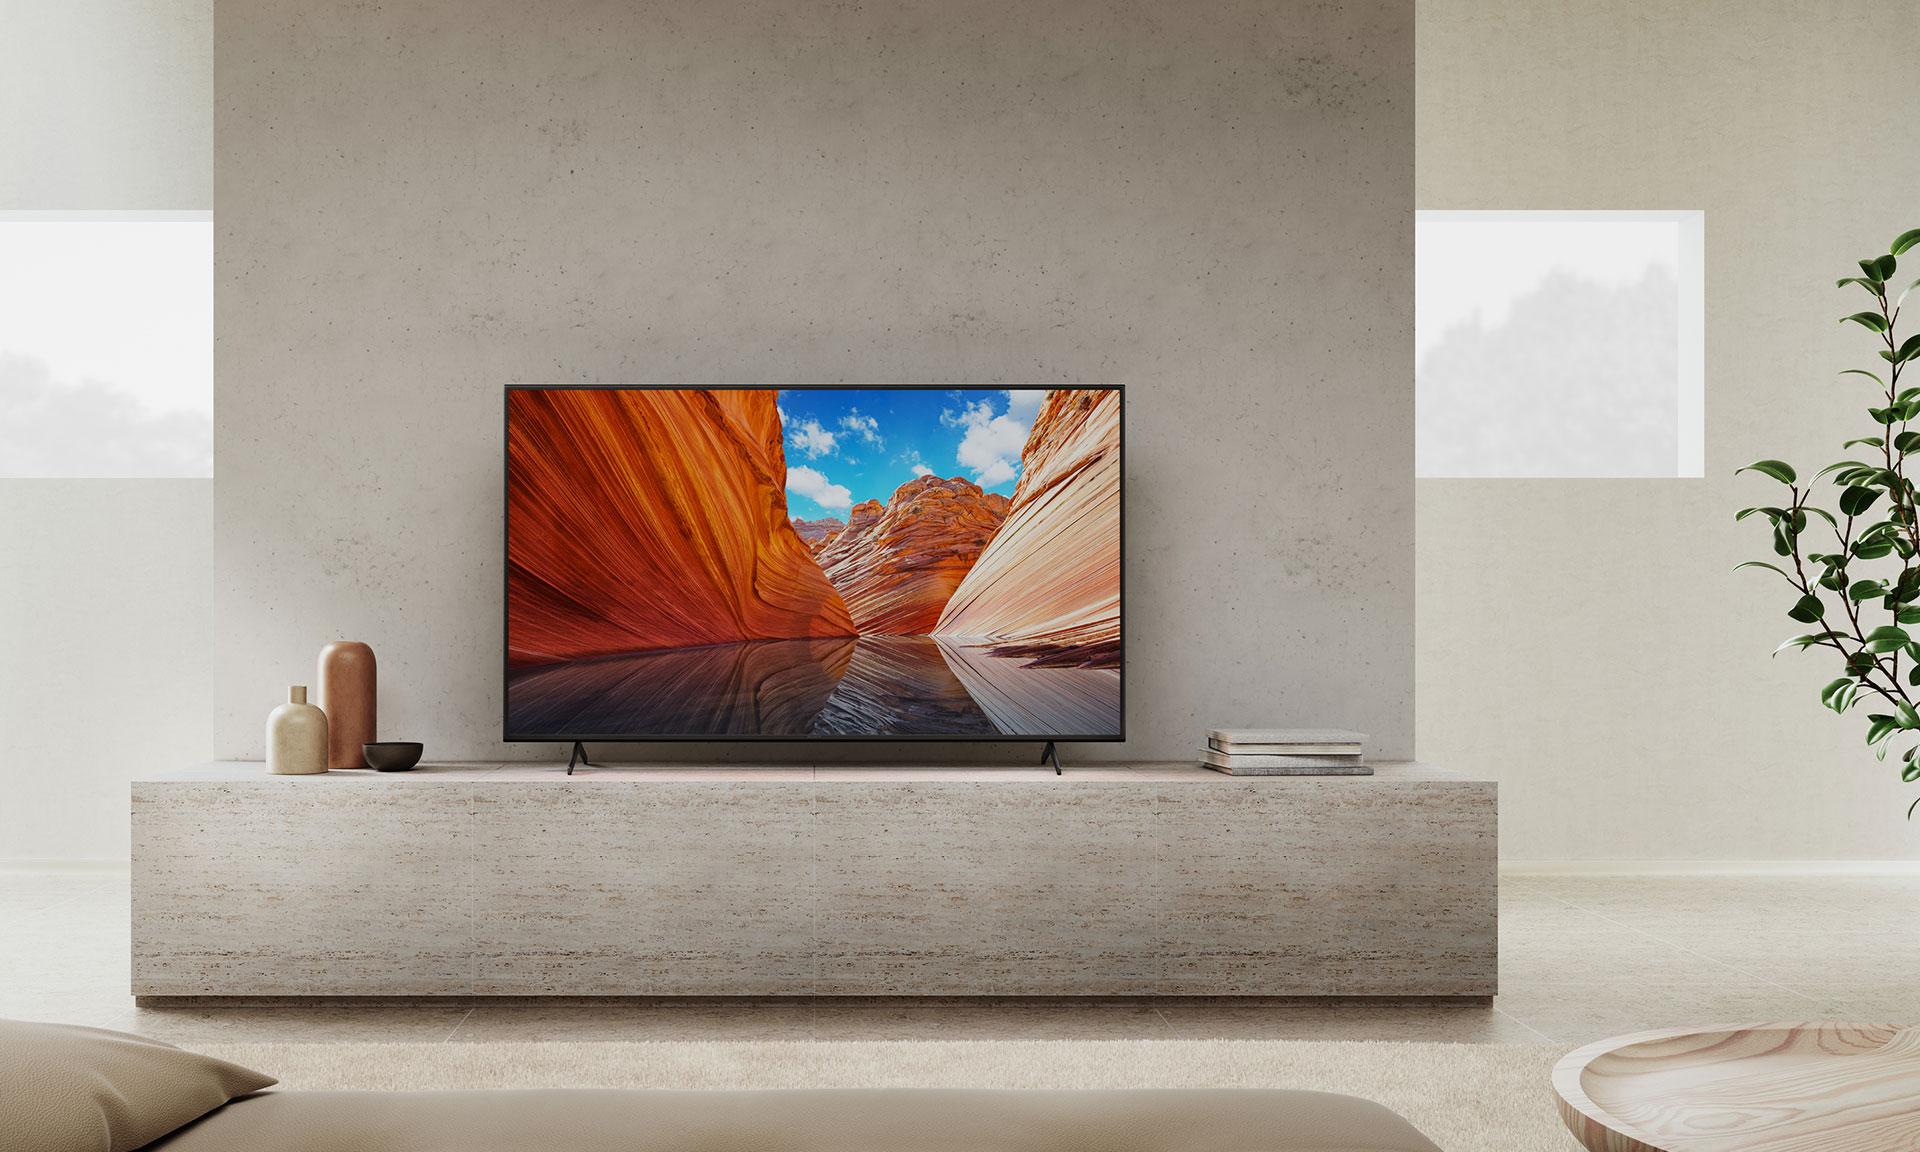 เช็กราคาทีวีก่อนซื้อ Smart TV มีตัวเลือกใดน่าสนใจบ้าง